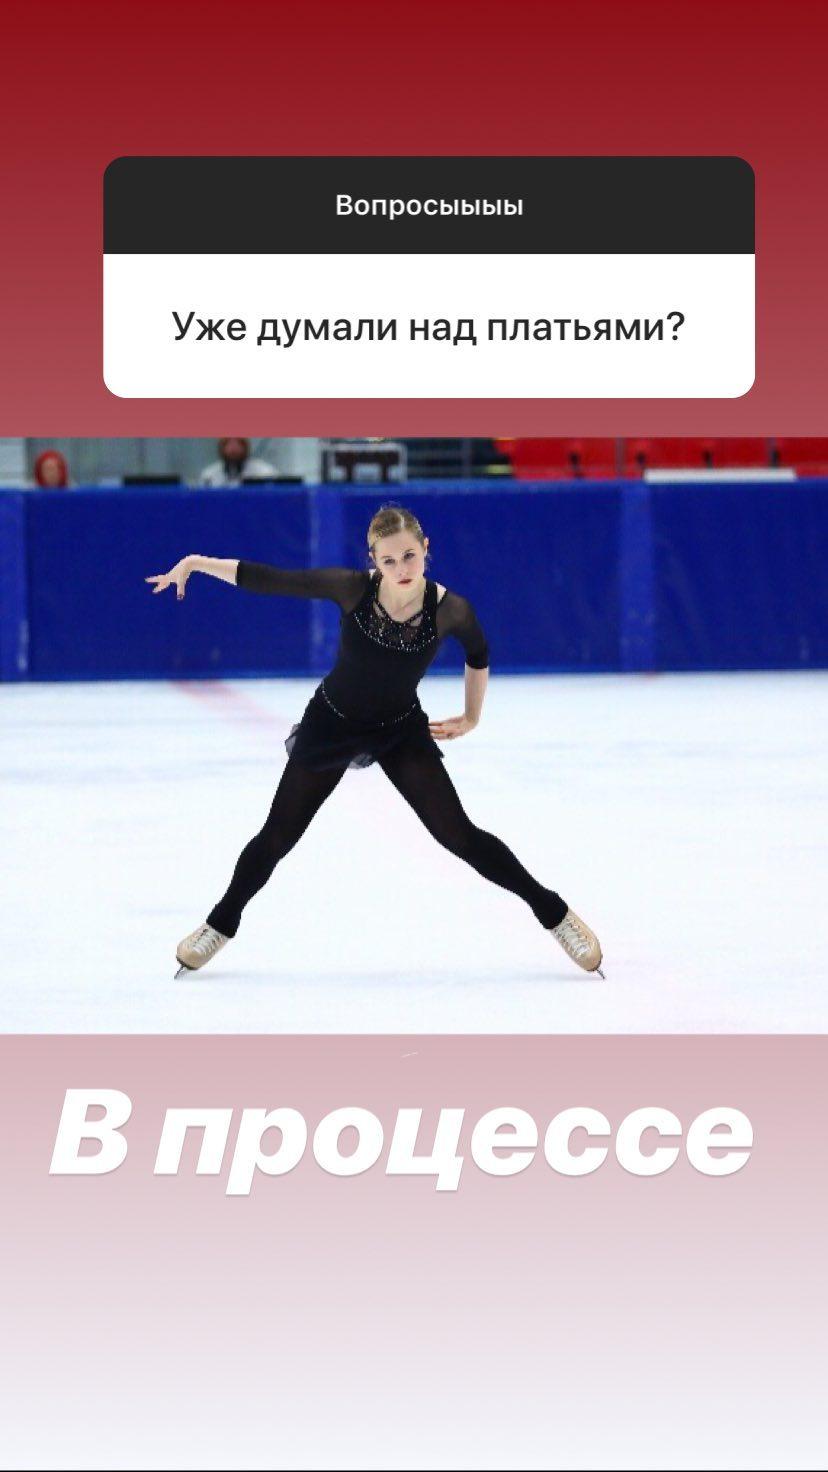 Дарья Паненкова - Страница 8 Pe4h6A47N_Q